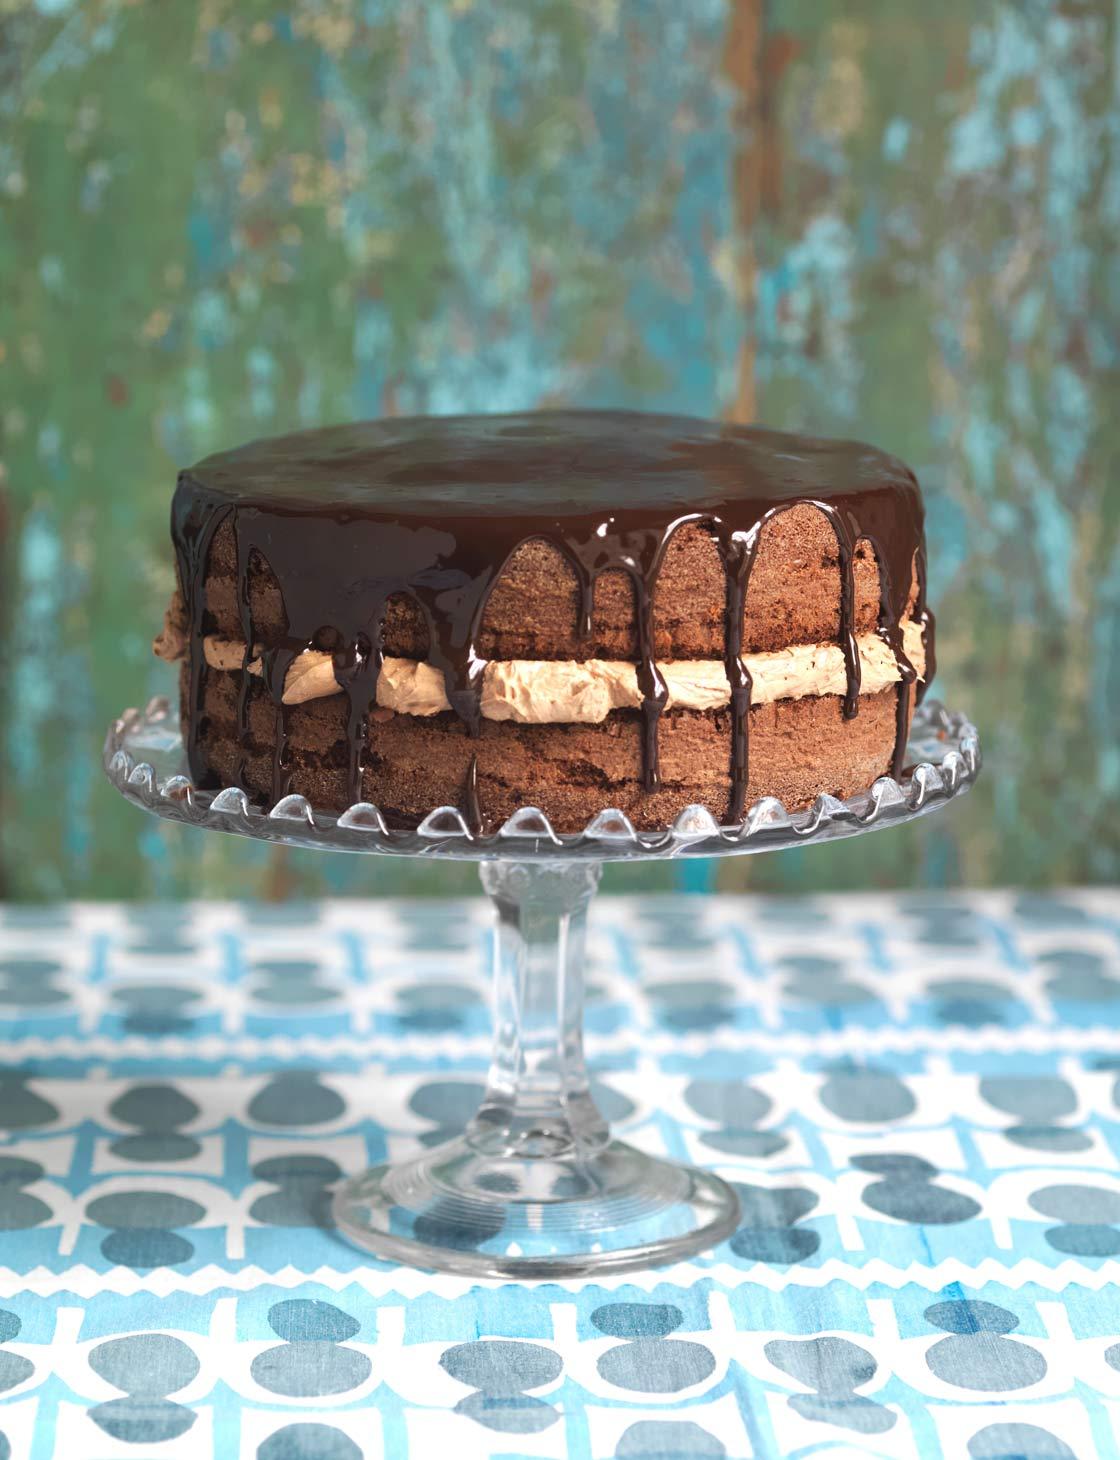 Rose Prince's chocolate cake